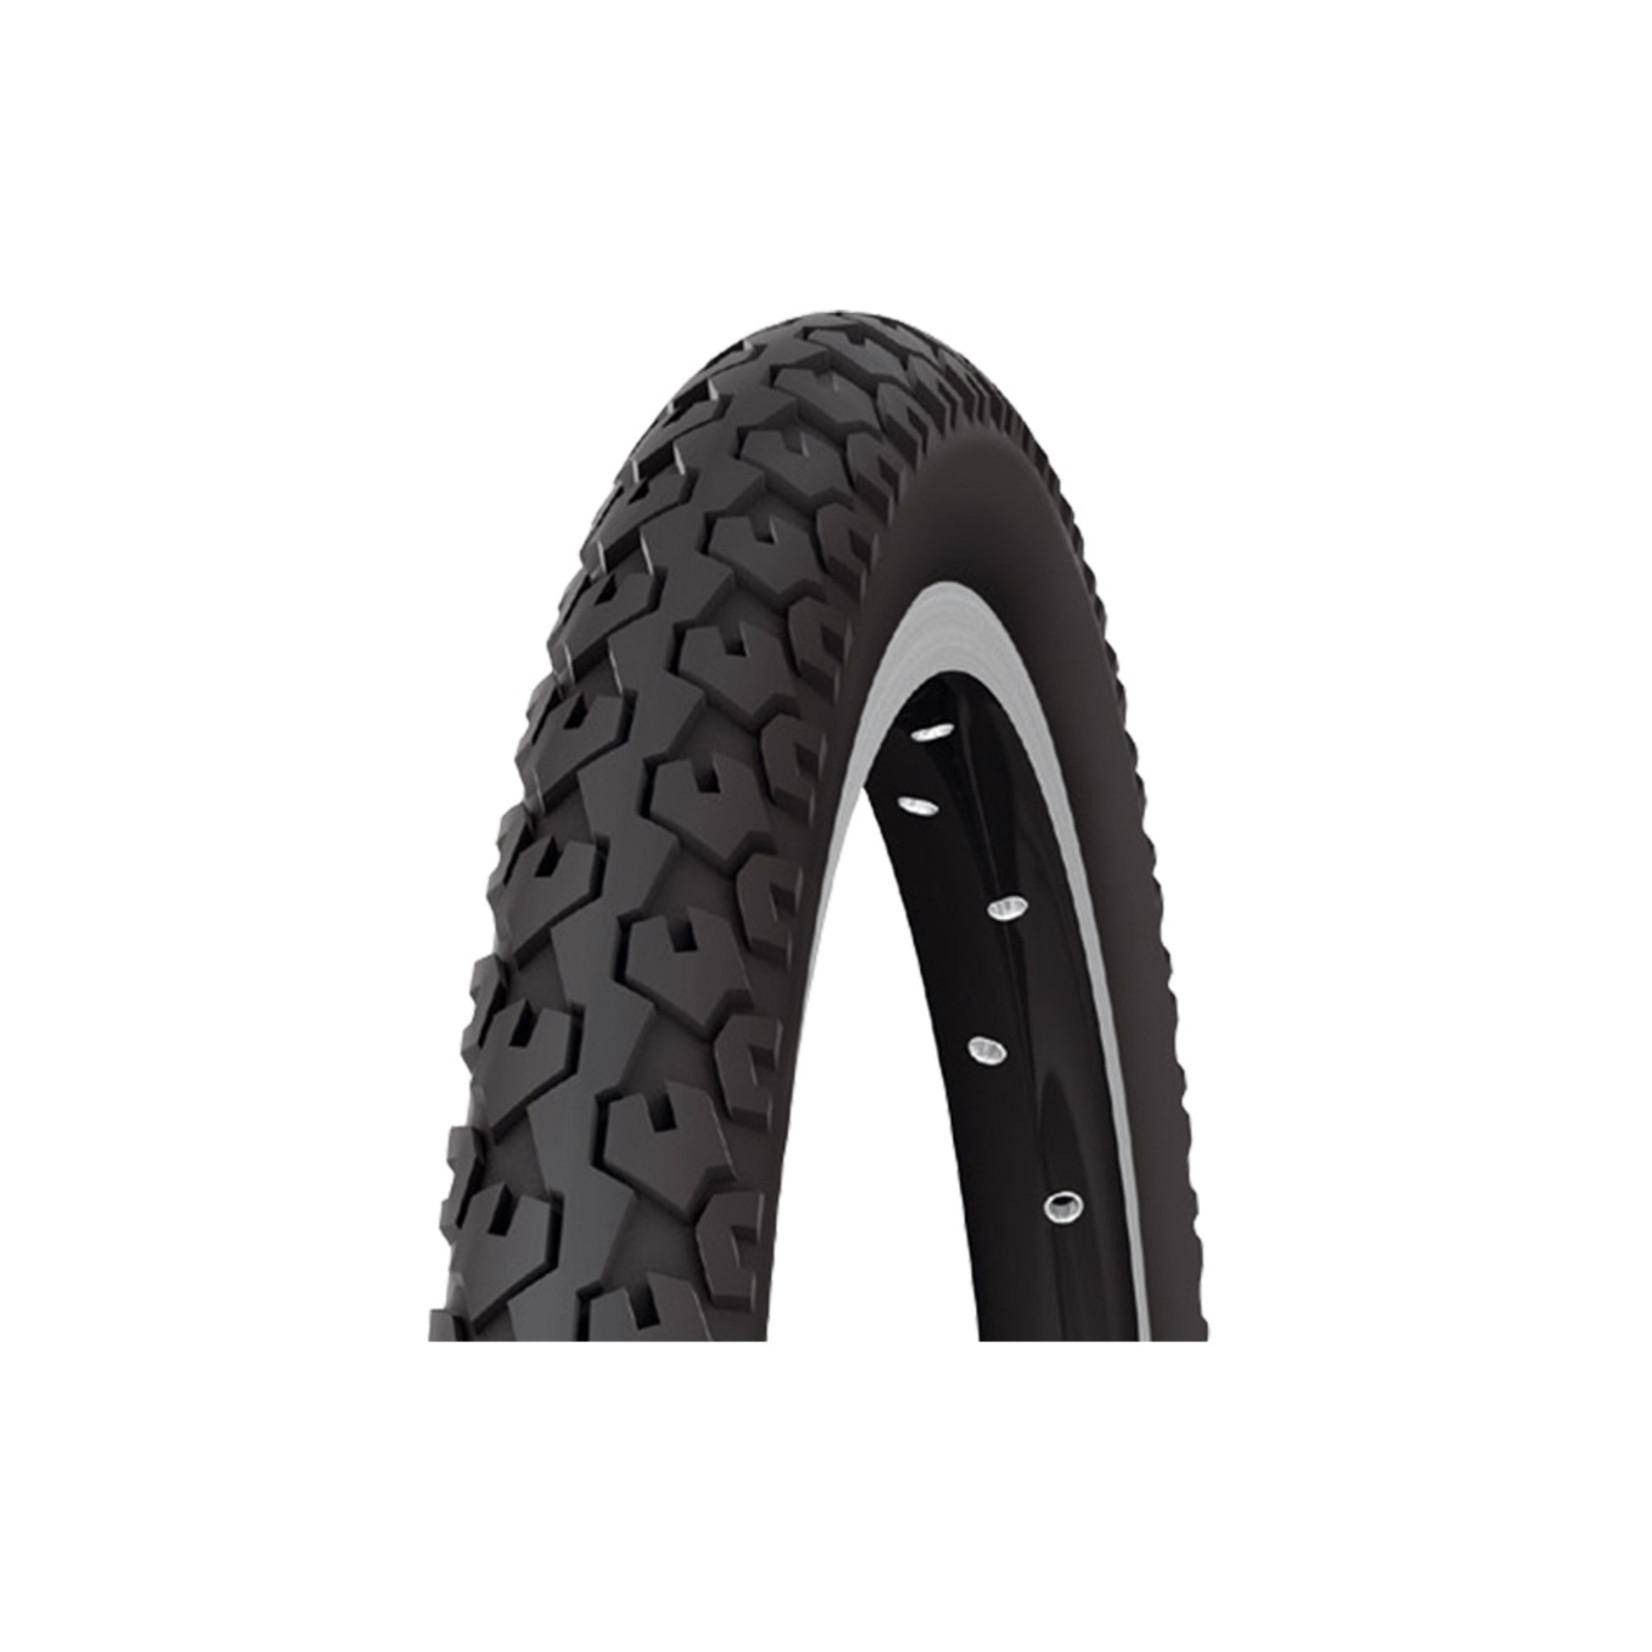 Michelin Michelin Country Junior Wire Bead Tire, 16x1.75